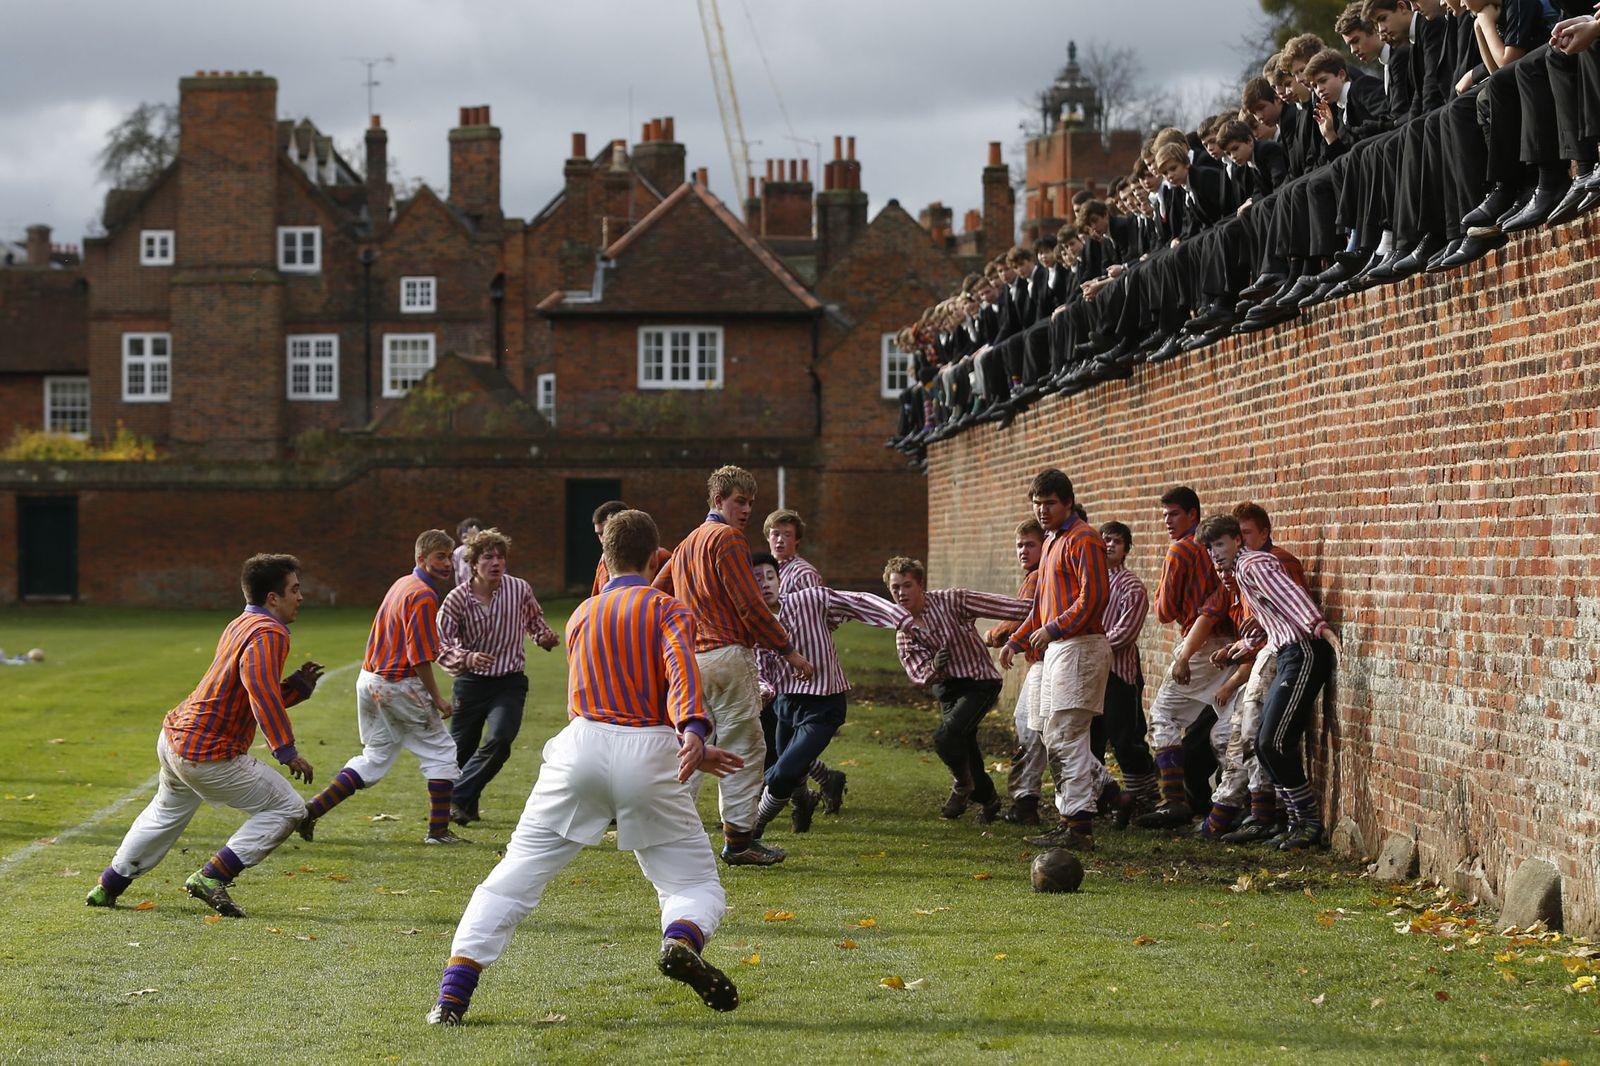 Foto: Los equipos The Collegers y the Oppidans compiten durante los juegos Eton Wall en el colegio Eton, en noviembre de 2012. (Reuters)